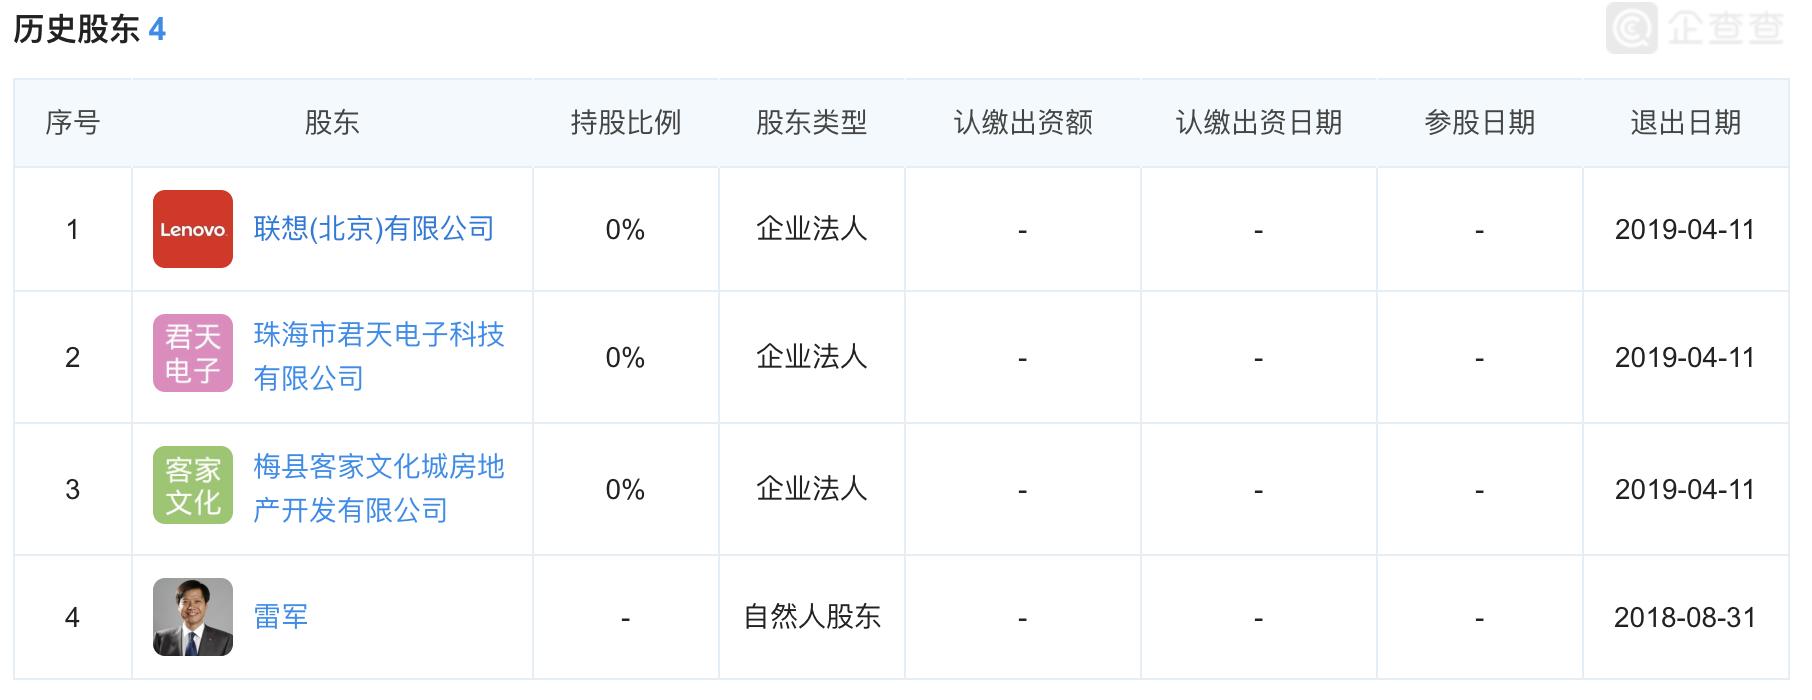 珠海金山软件有限公司股东变更,联想等3位股东退出